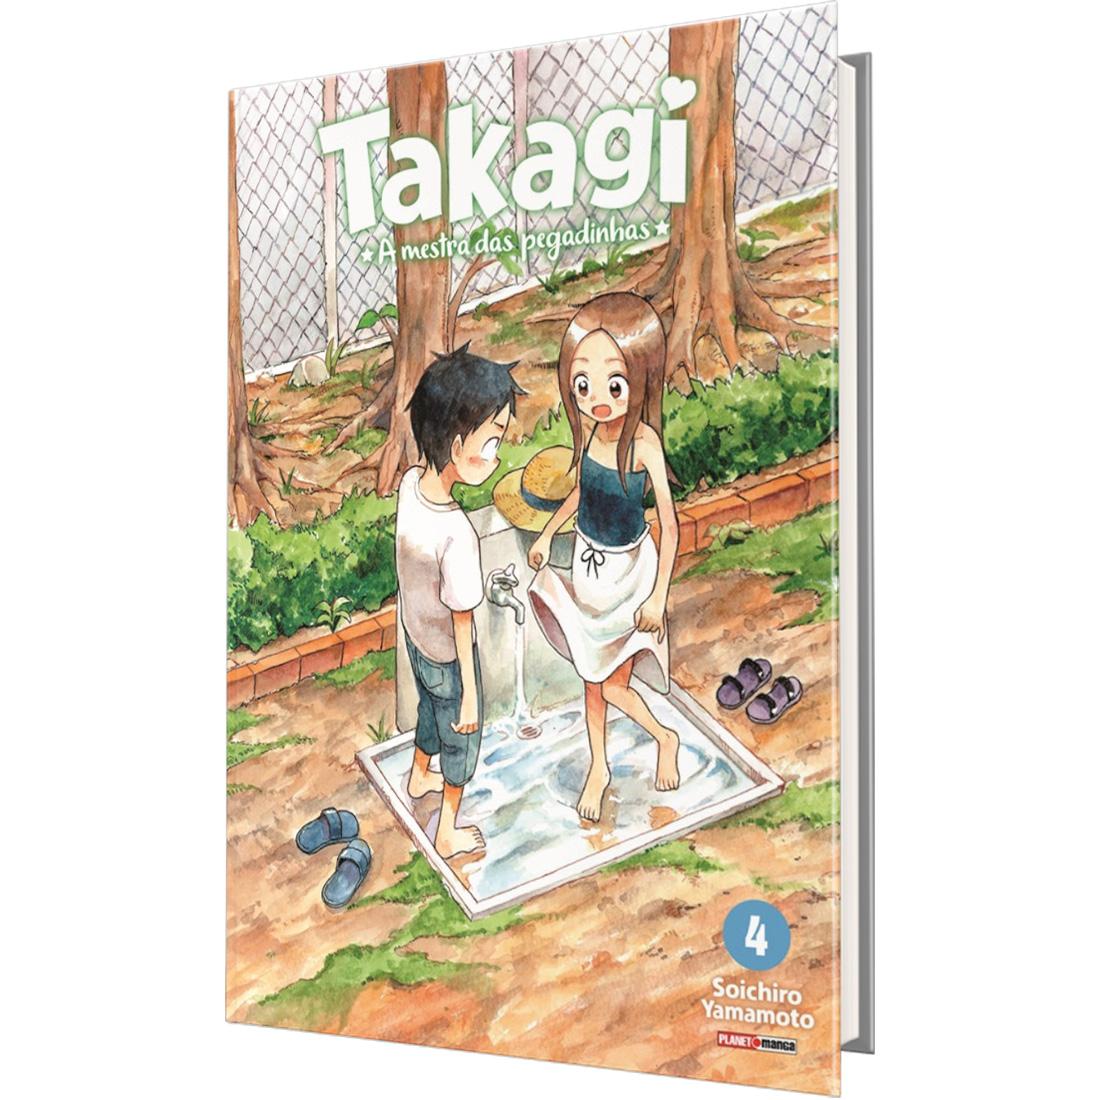 Takagi - A Mestra das Pegadinhas Vol. 4